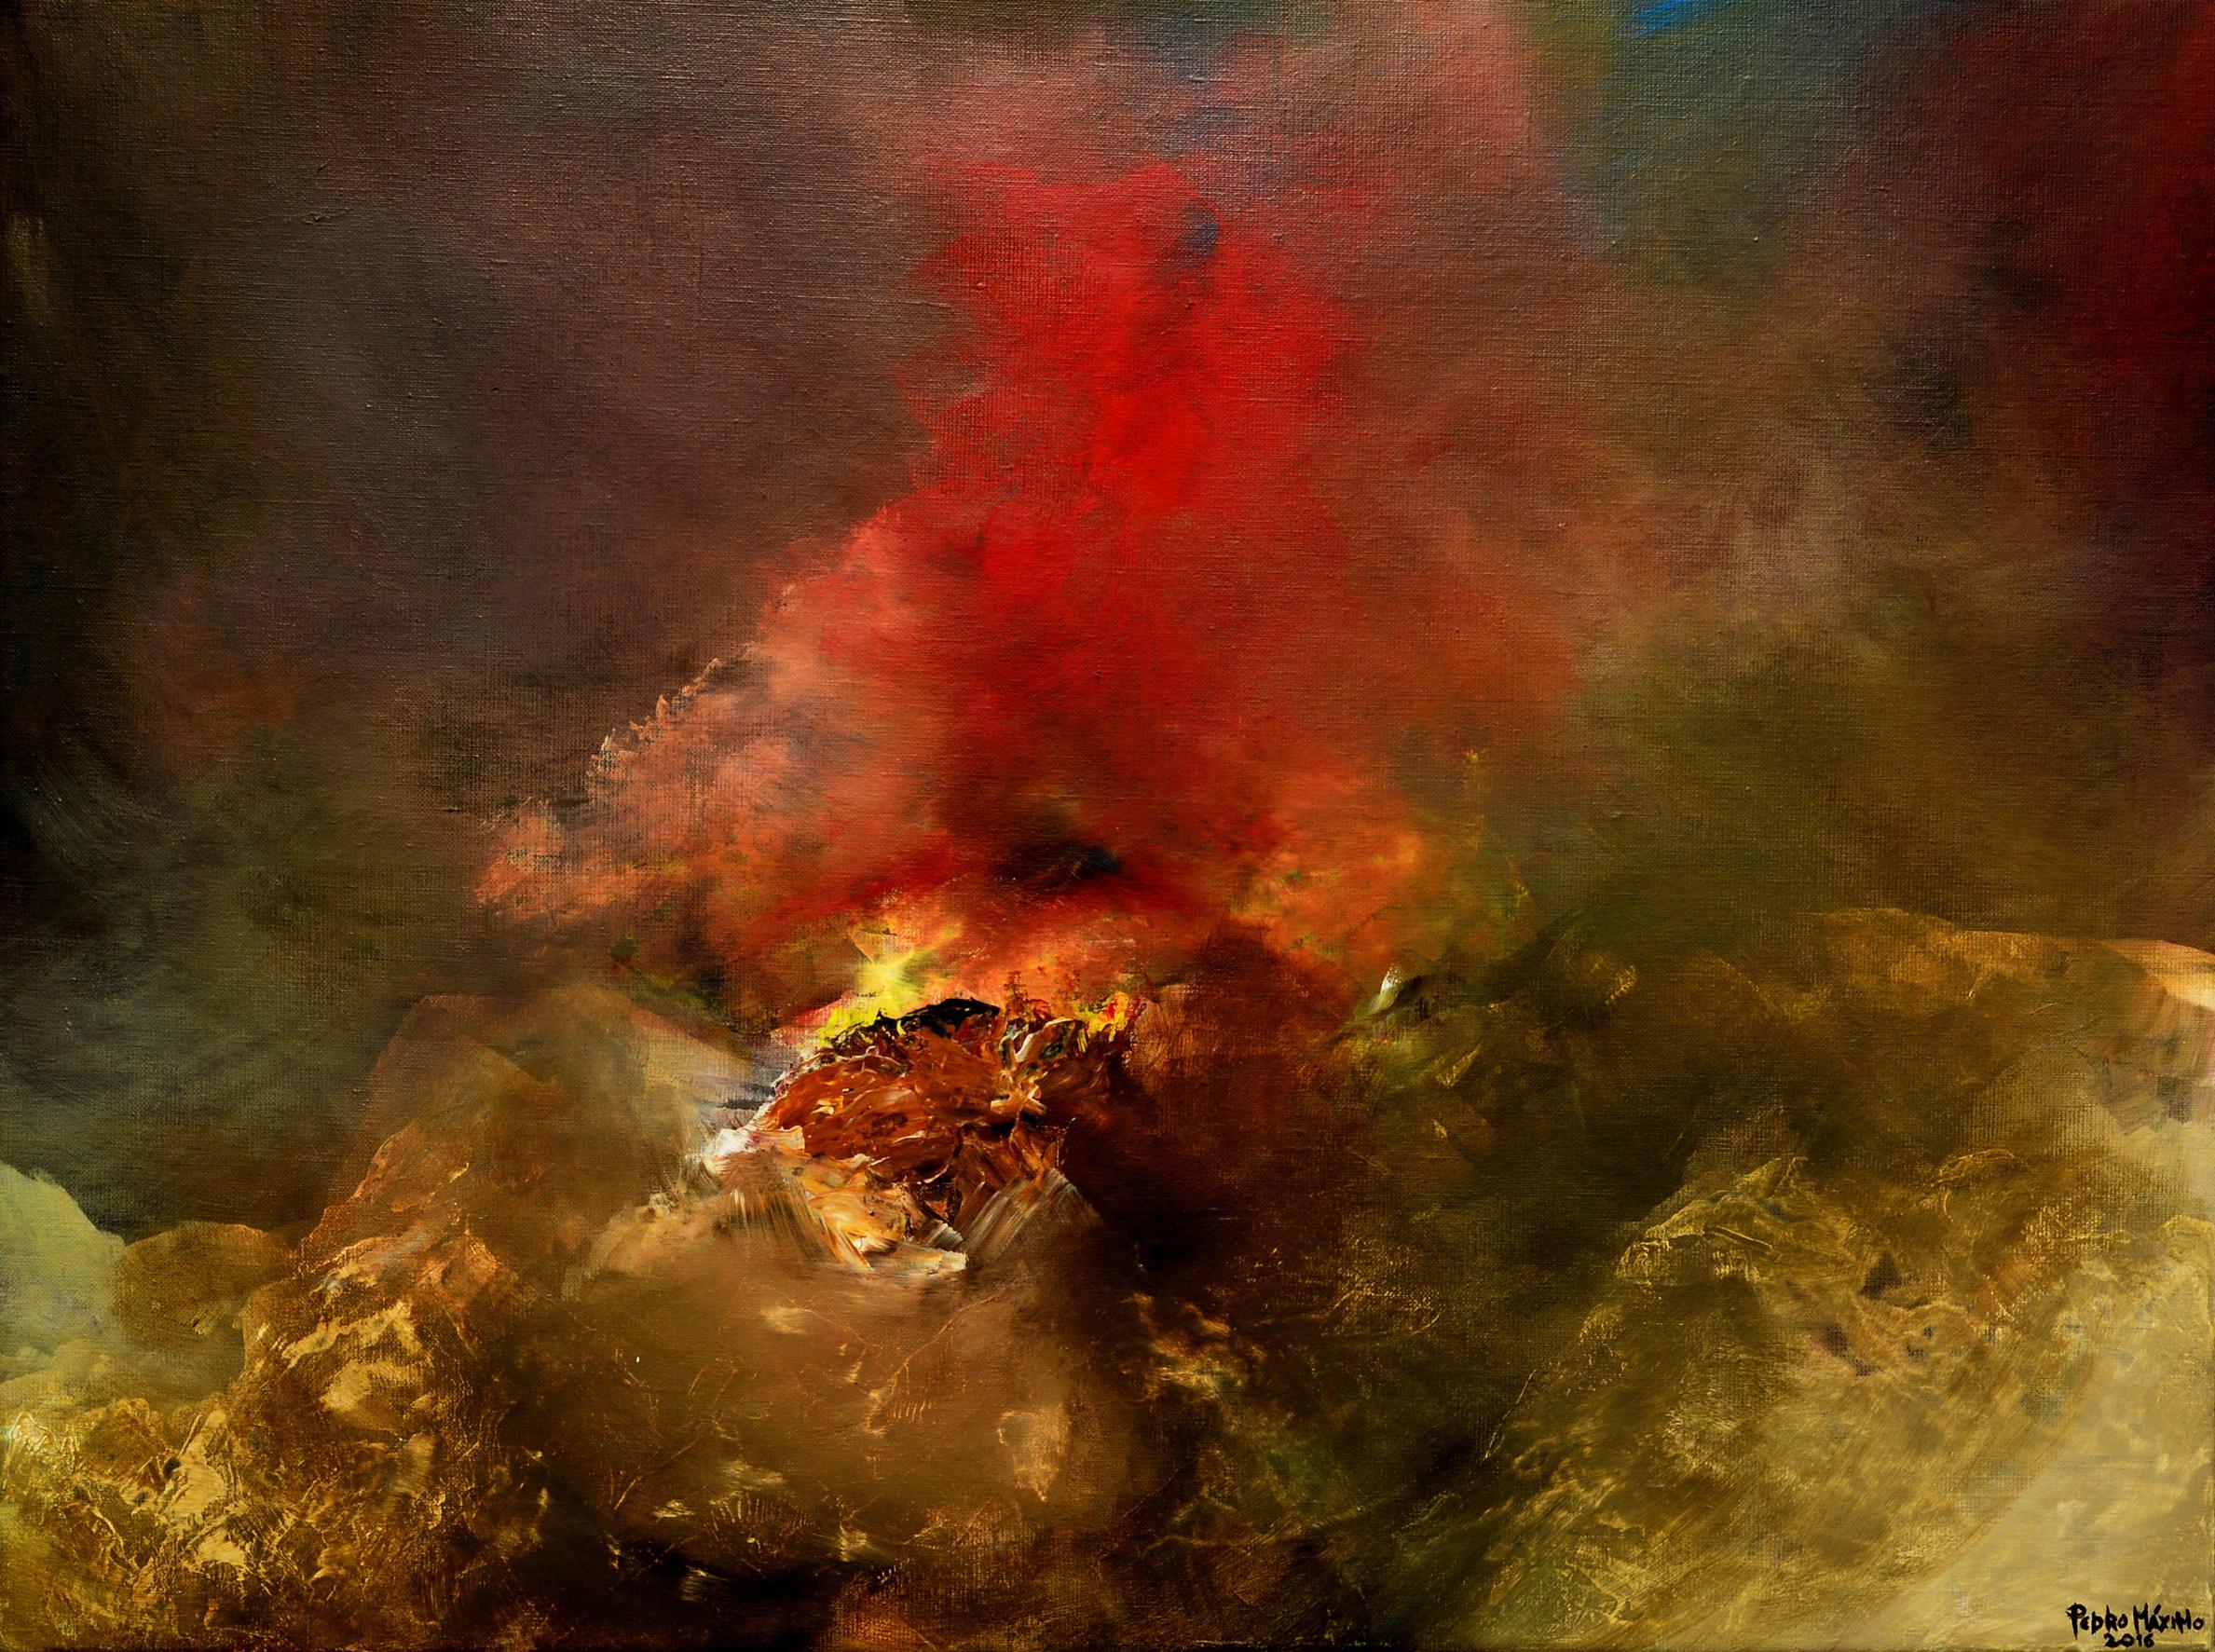 Red Flower (2016) - Pedro Máximo